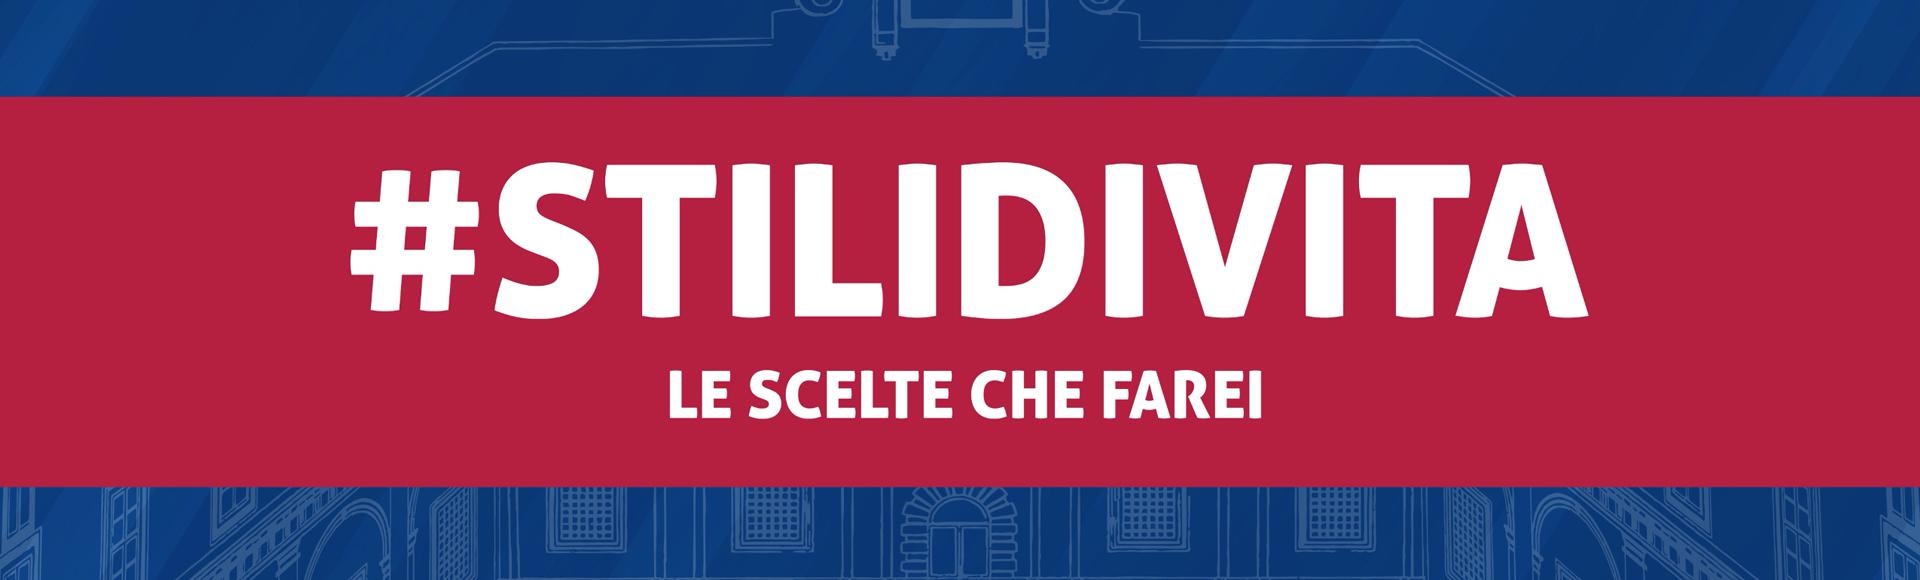 StiliDiVita_testata